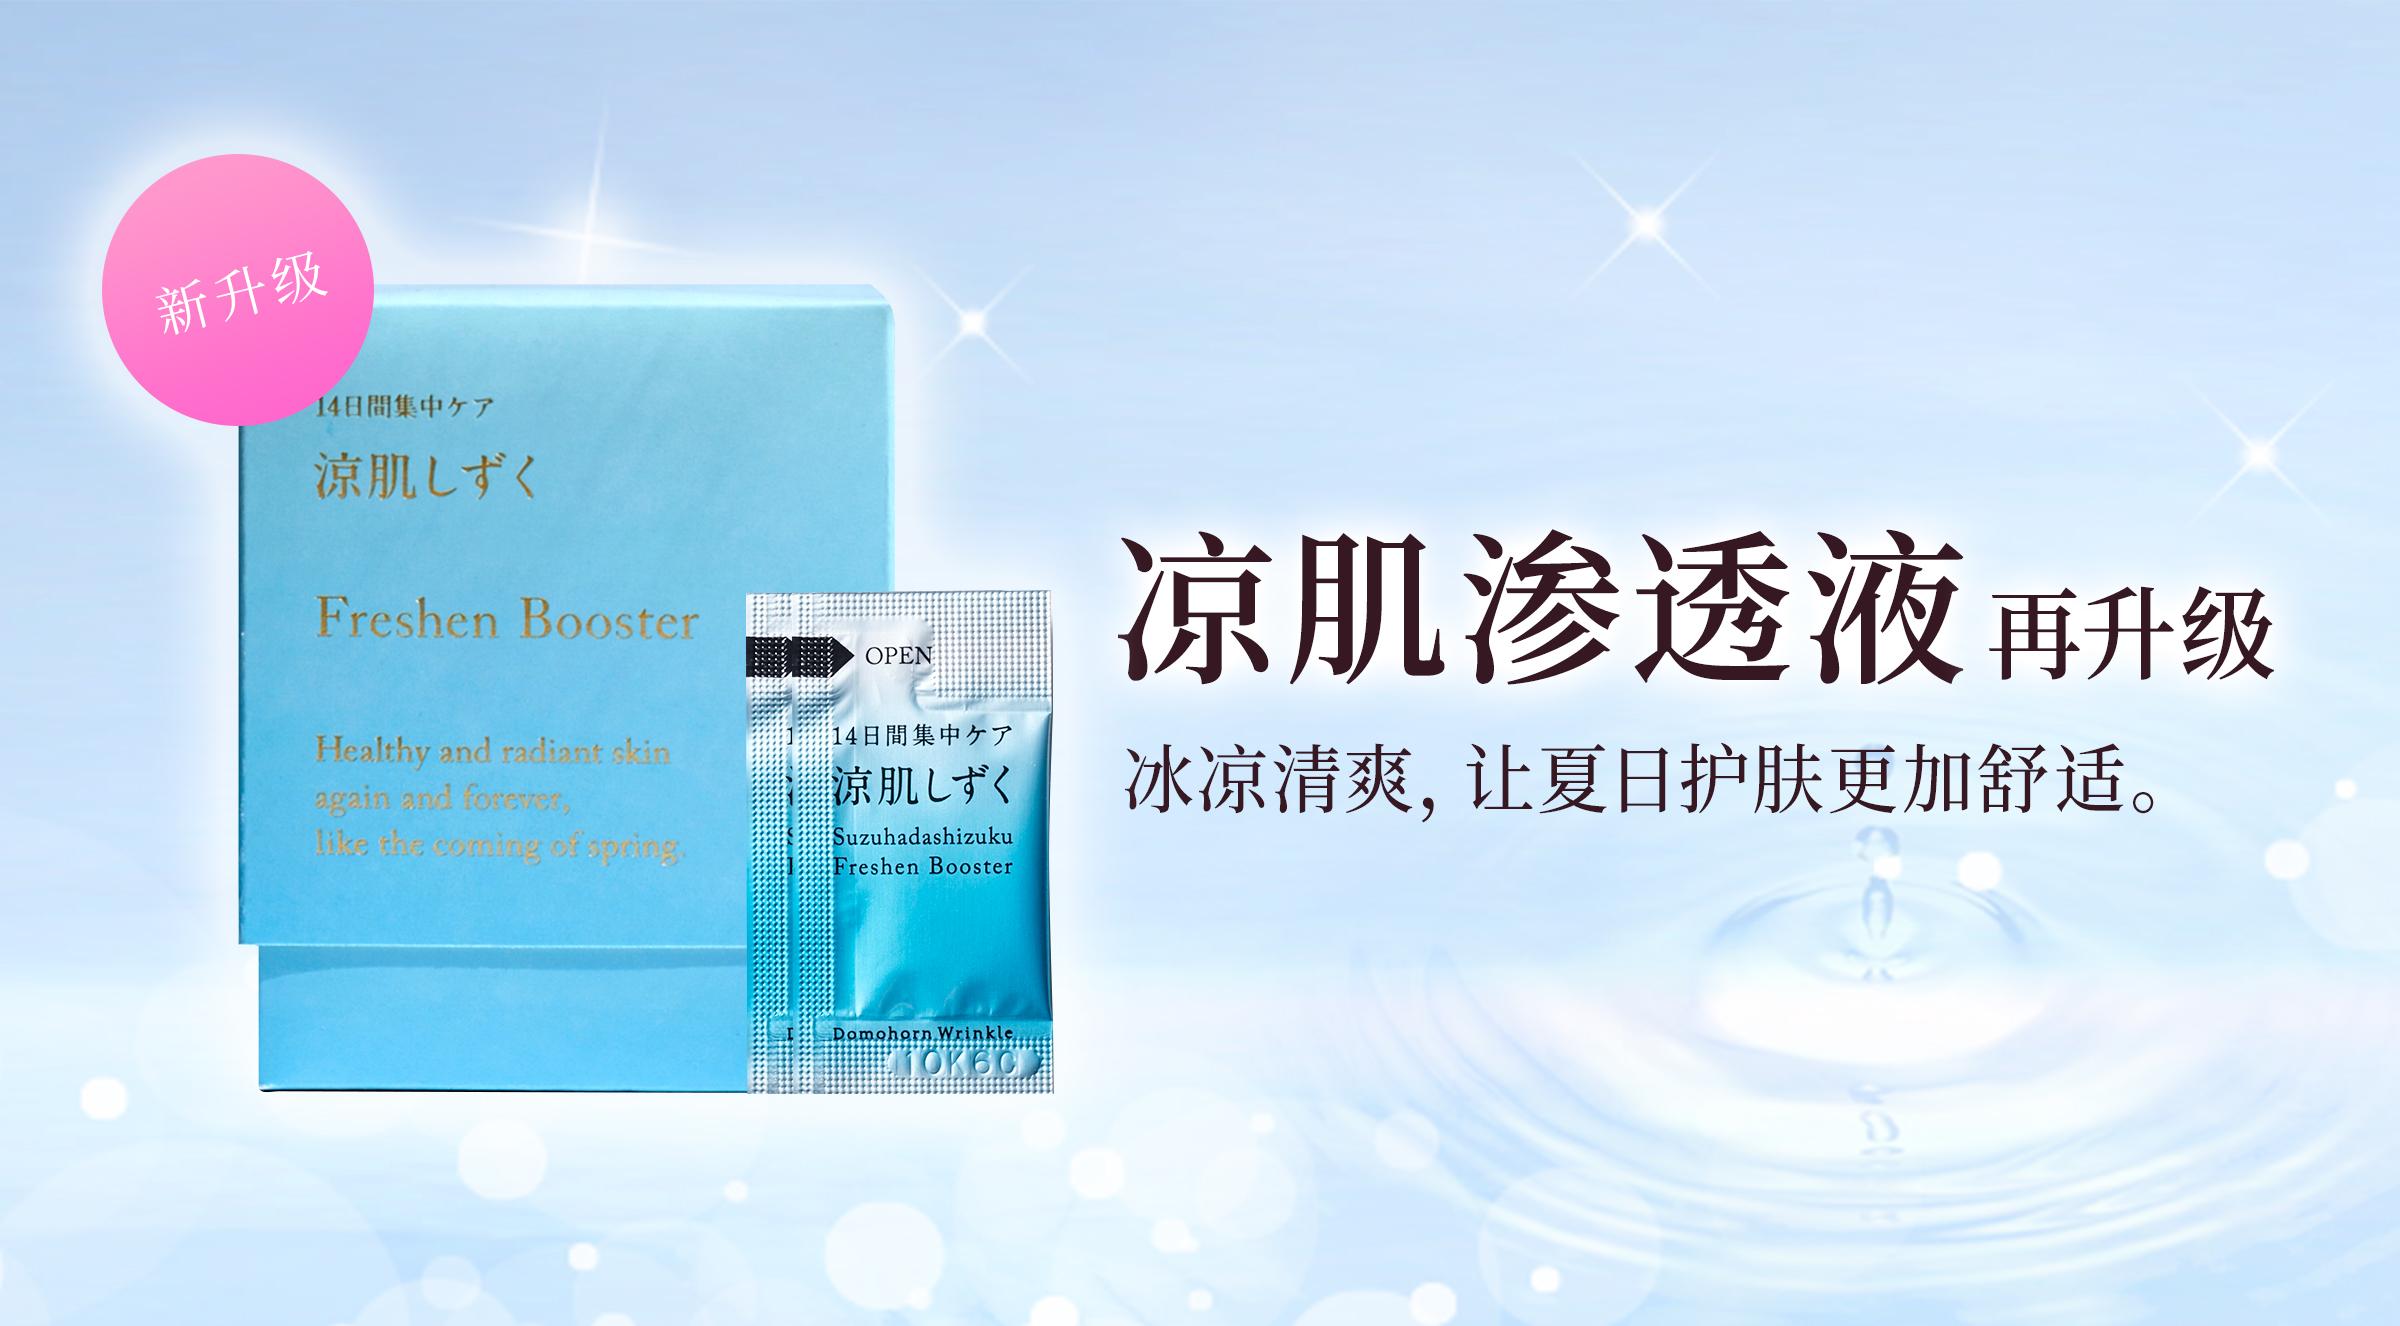 新升级 凉肌渗透液 再升级 冰凉清爽,让夏日护肤更加舒适。